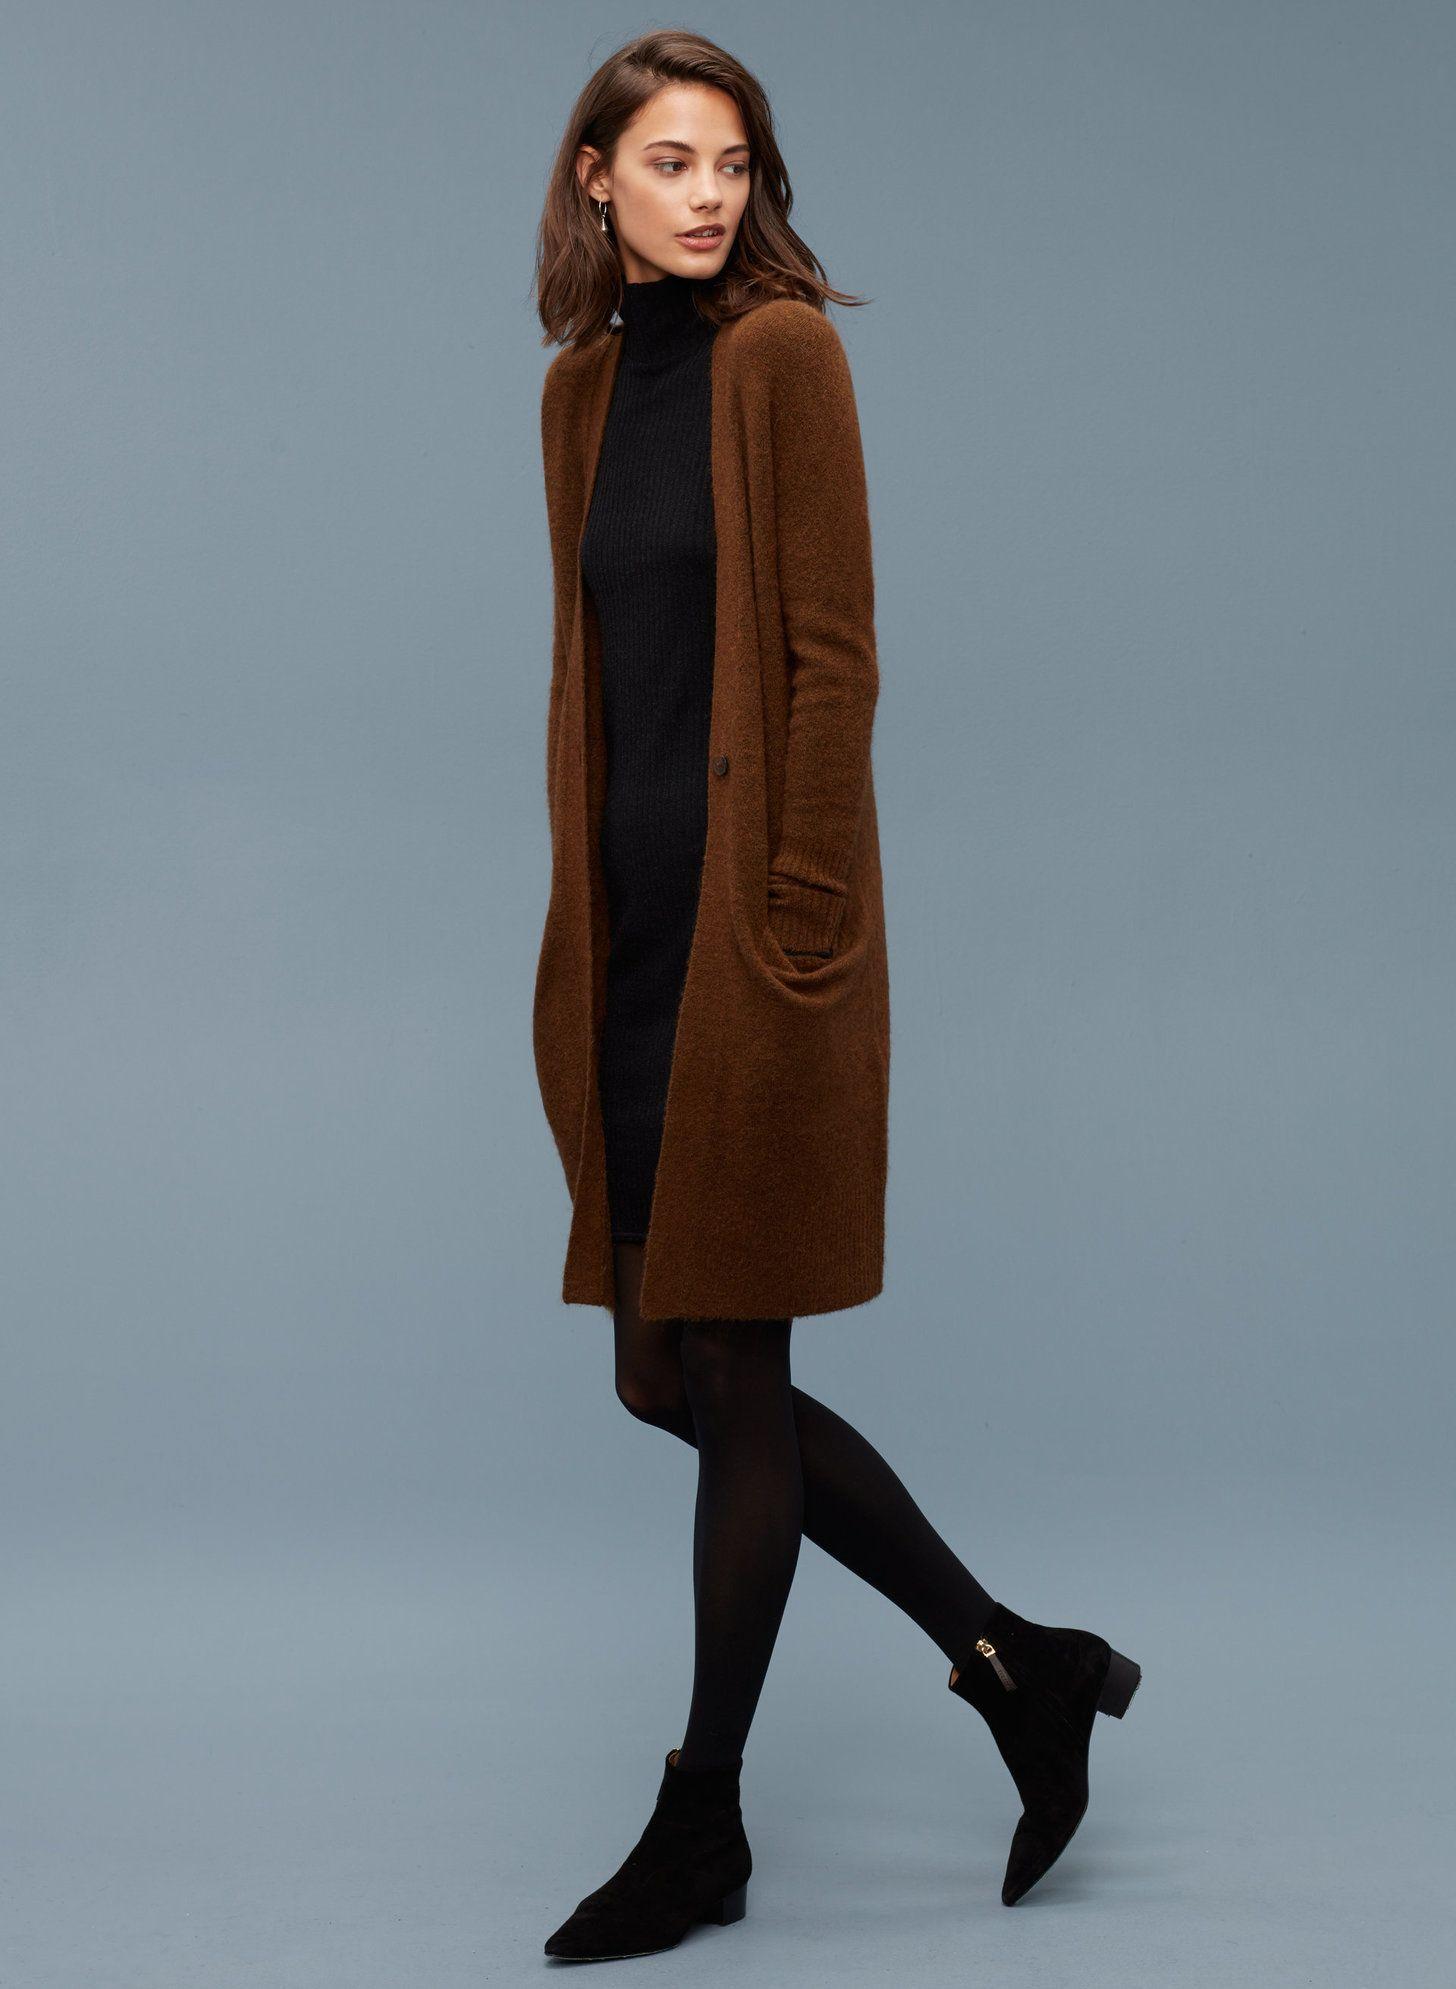 Photo of Feminine Streetwear F/W #winteroutfitsforwork Feminine Streetwear Inspo (Fall/Wi…